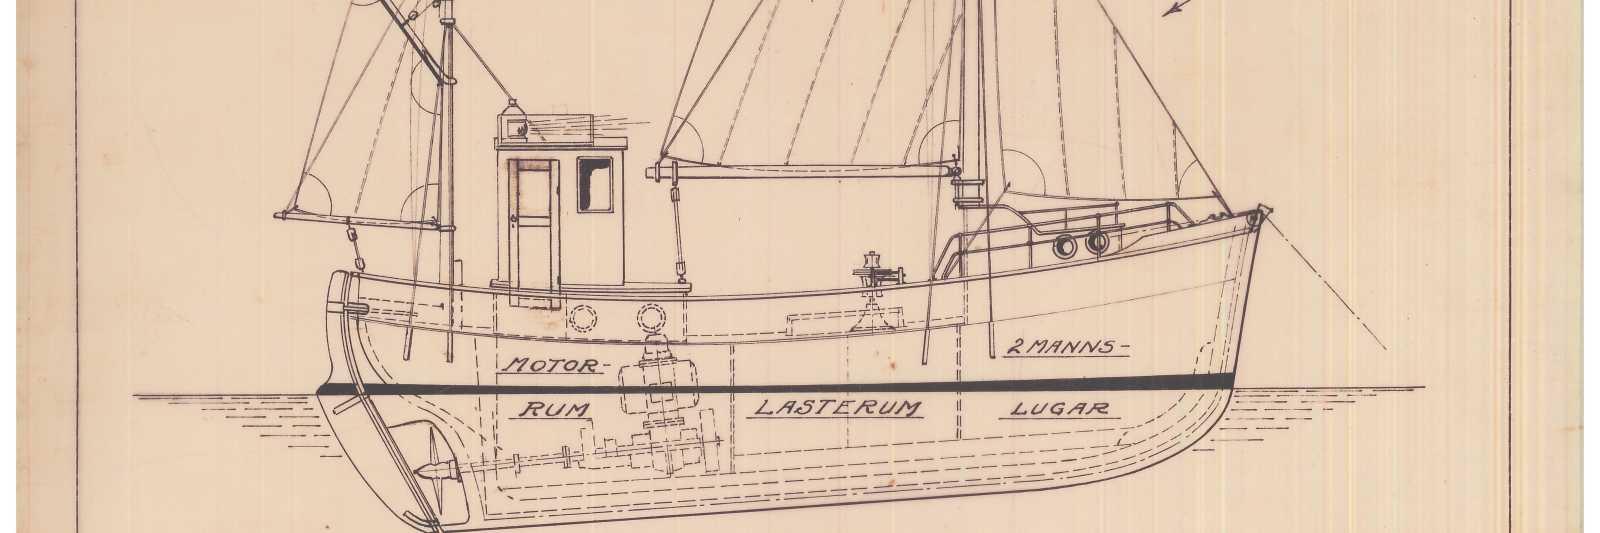 Herlig Båttegninger - Arkivverket CG-01